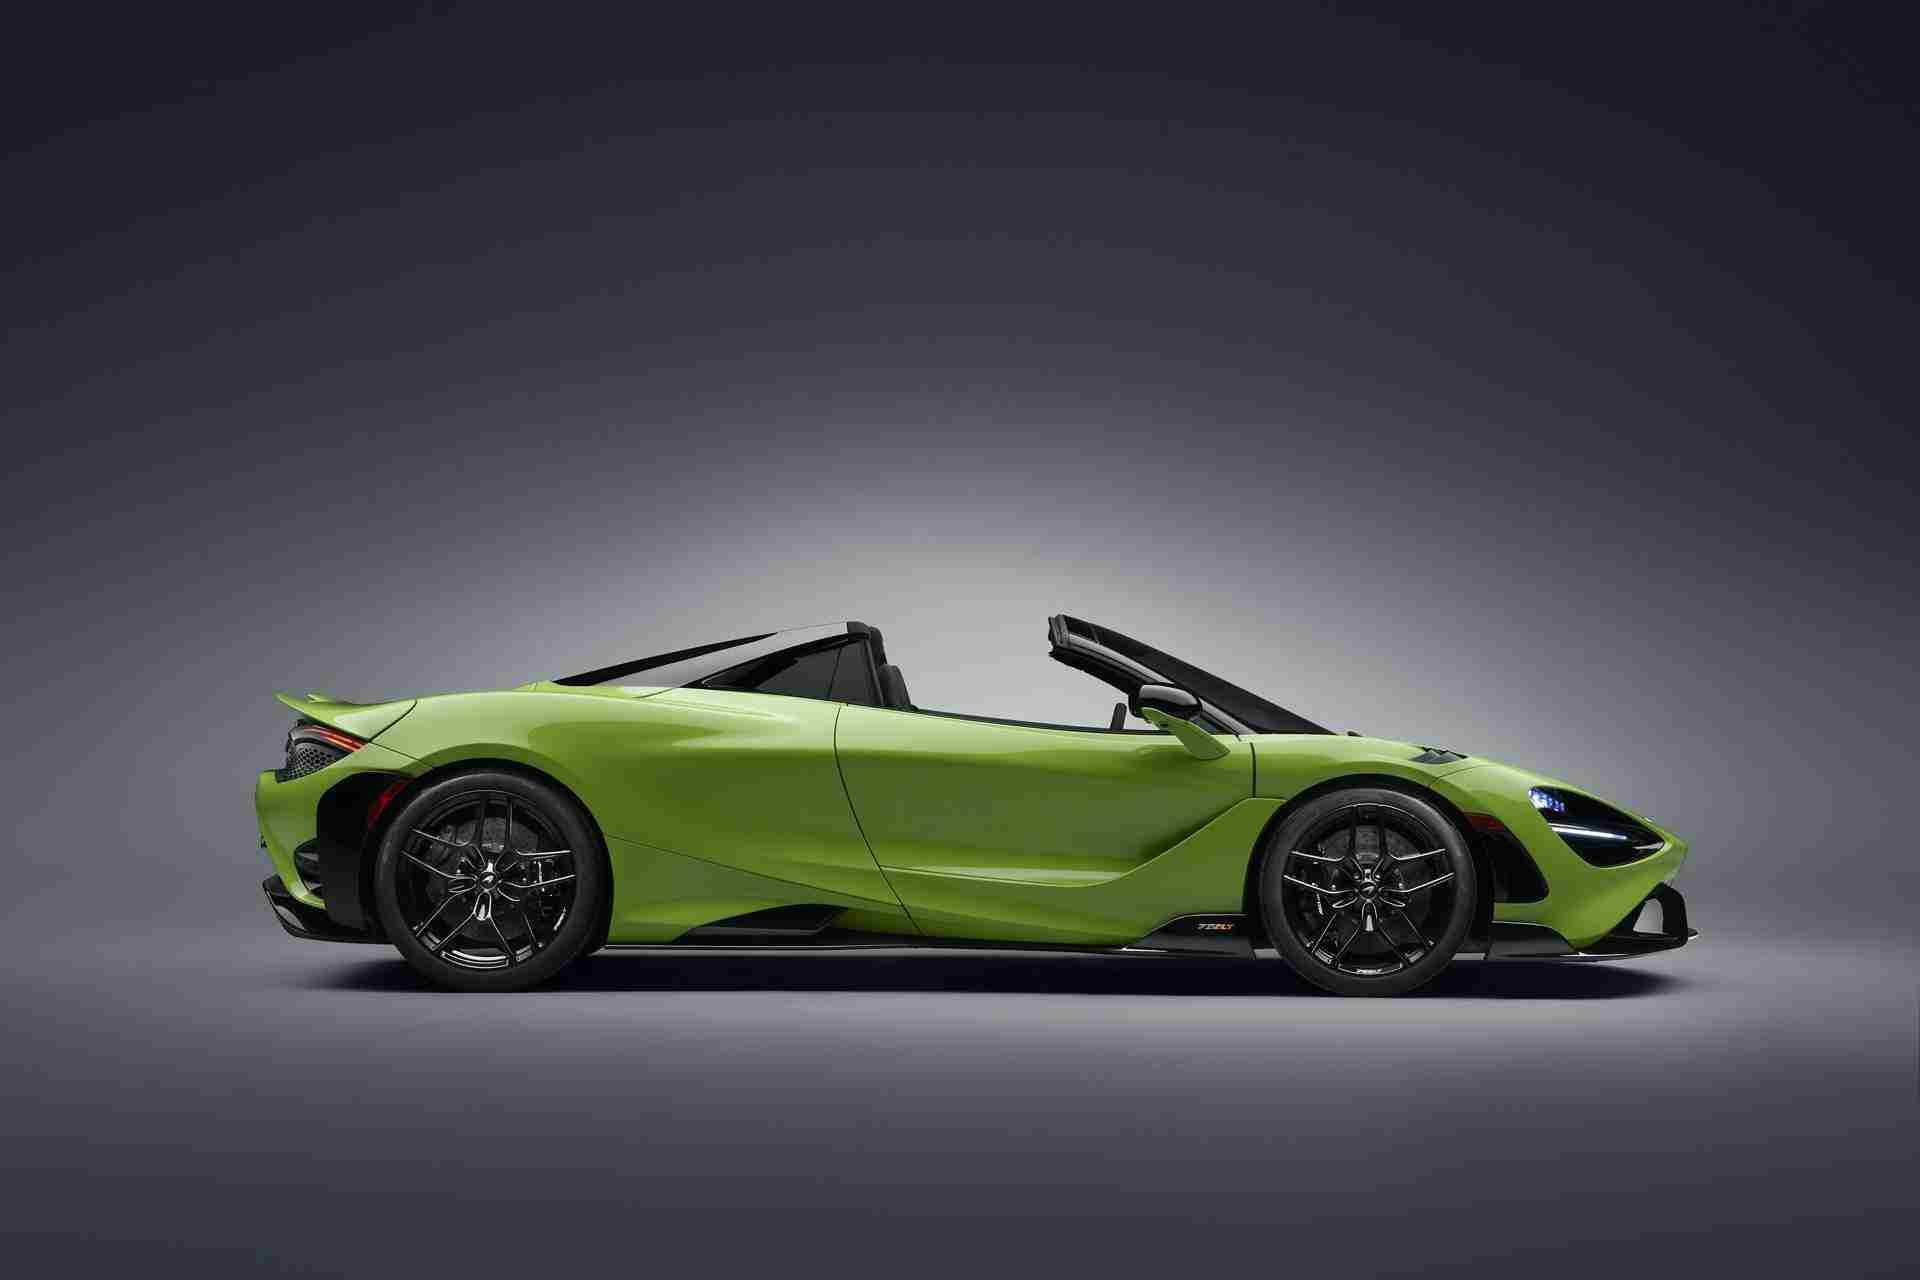 McLaren_765LT_Spider-Studio-3-Profile_roof_down